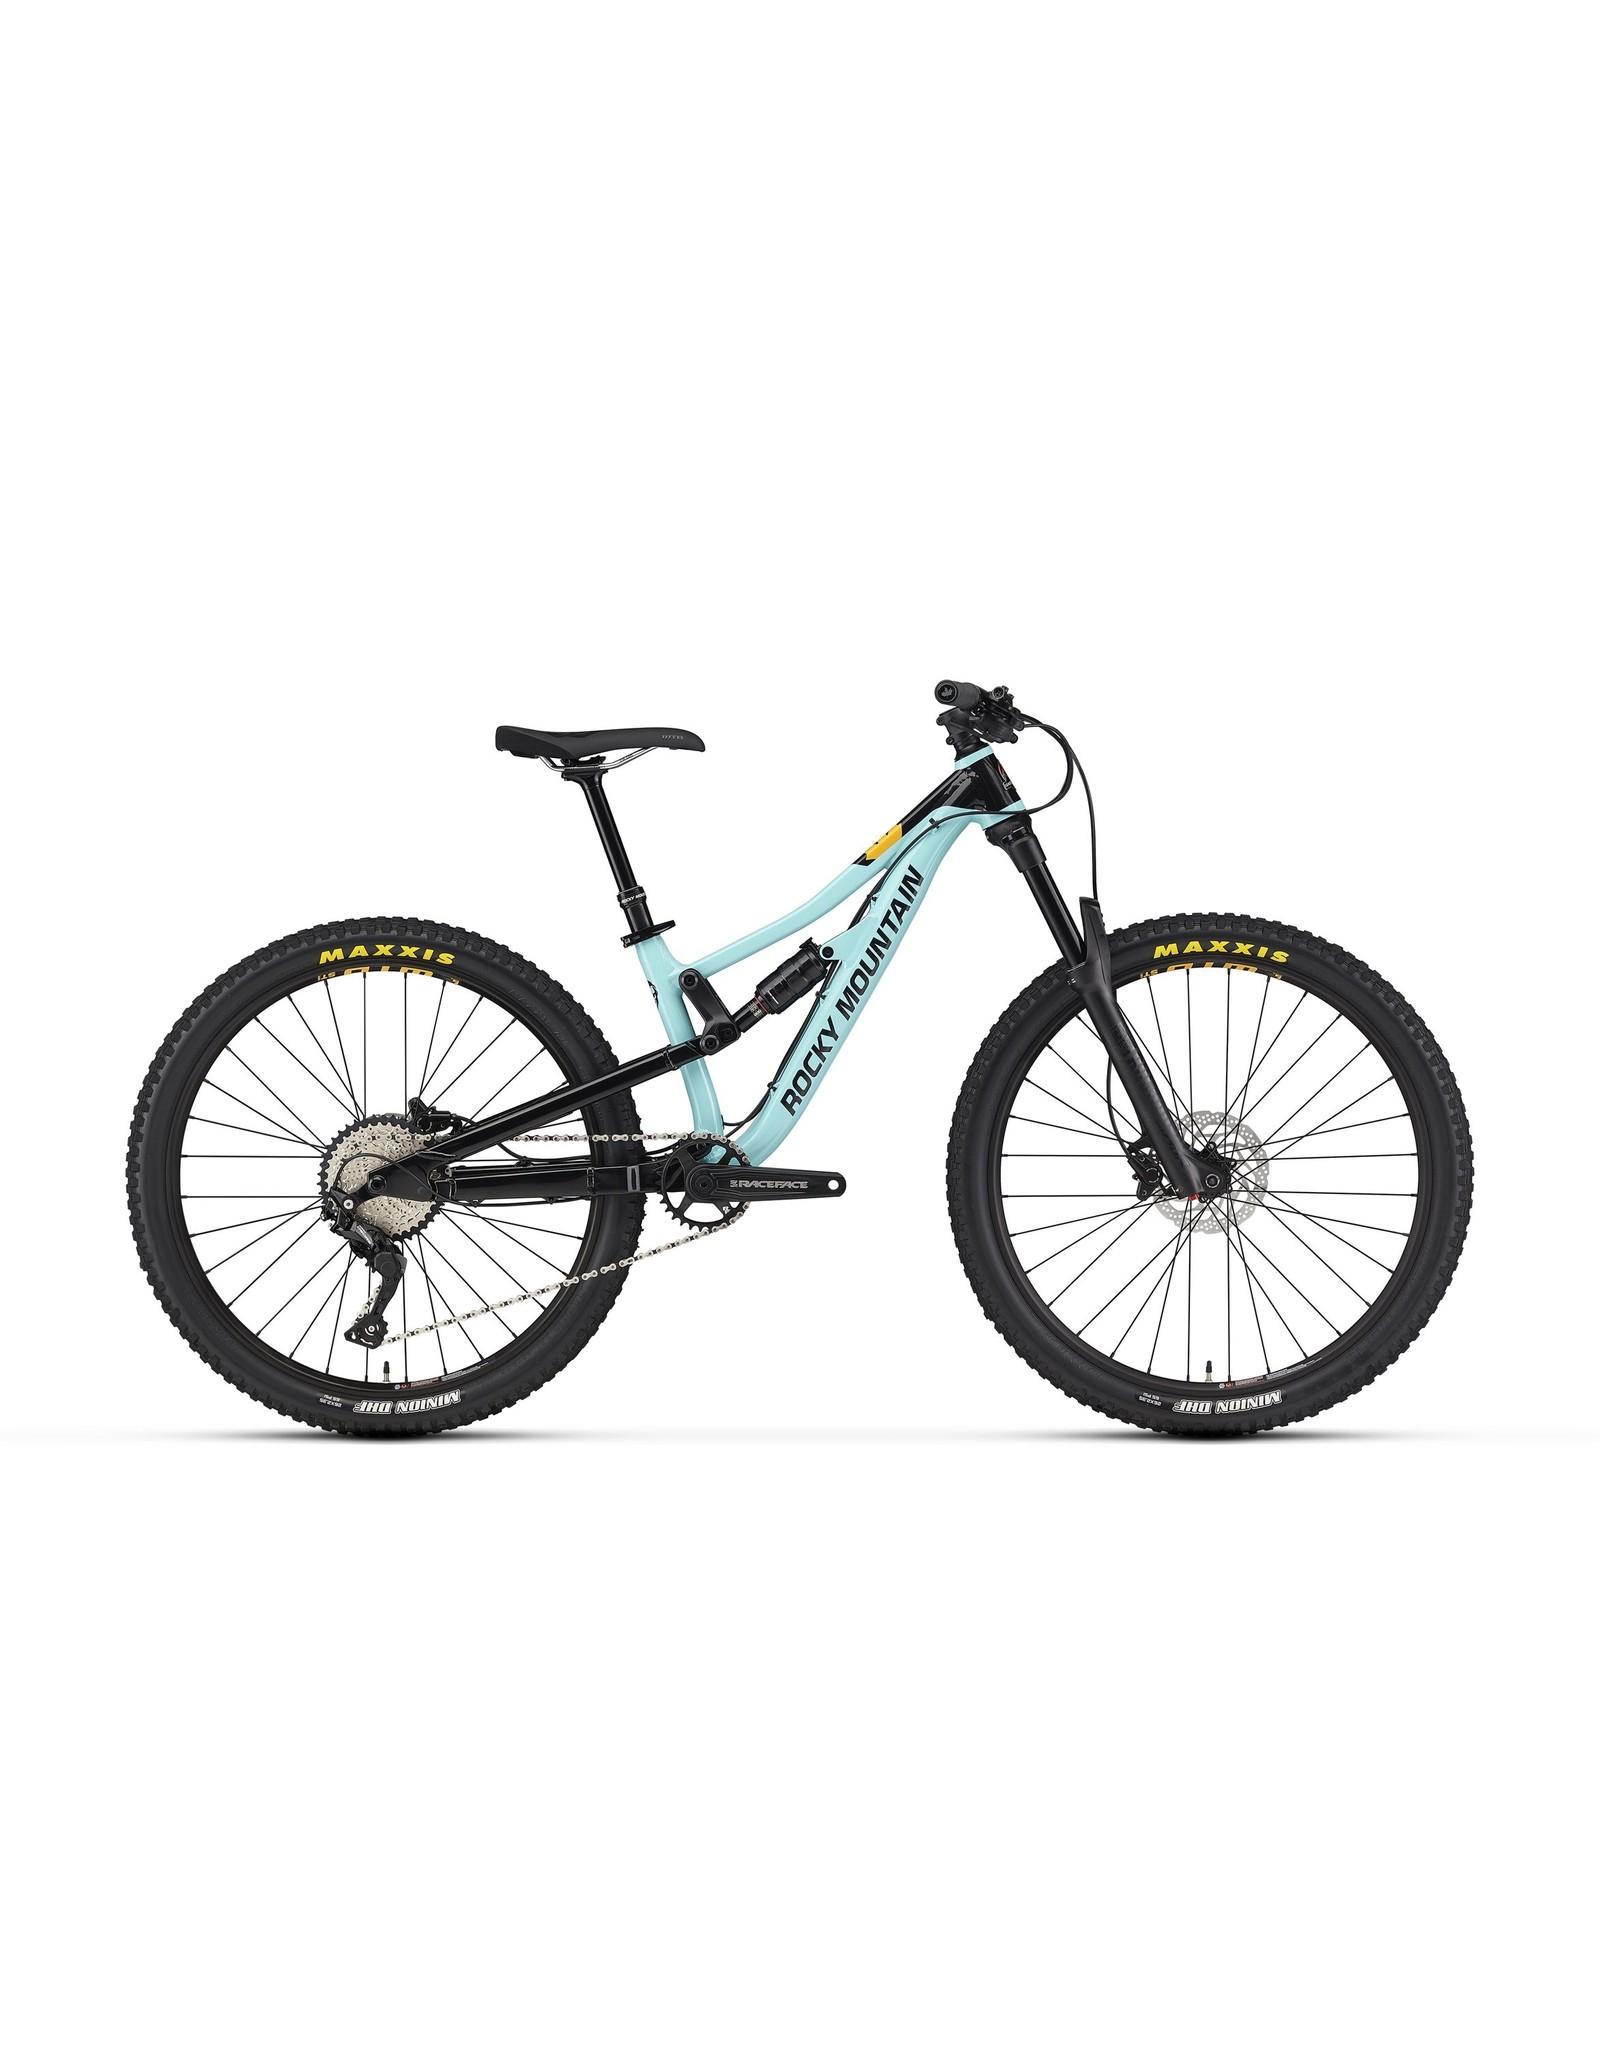 Rocky Mountain Vélo Rocky Mountain Reaper 26 o/s 2020